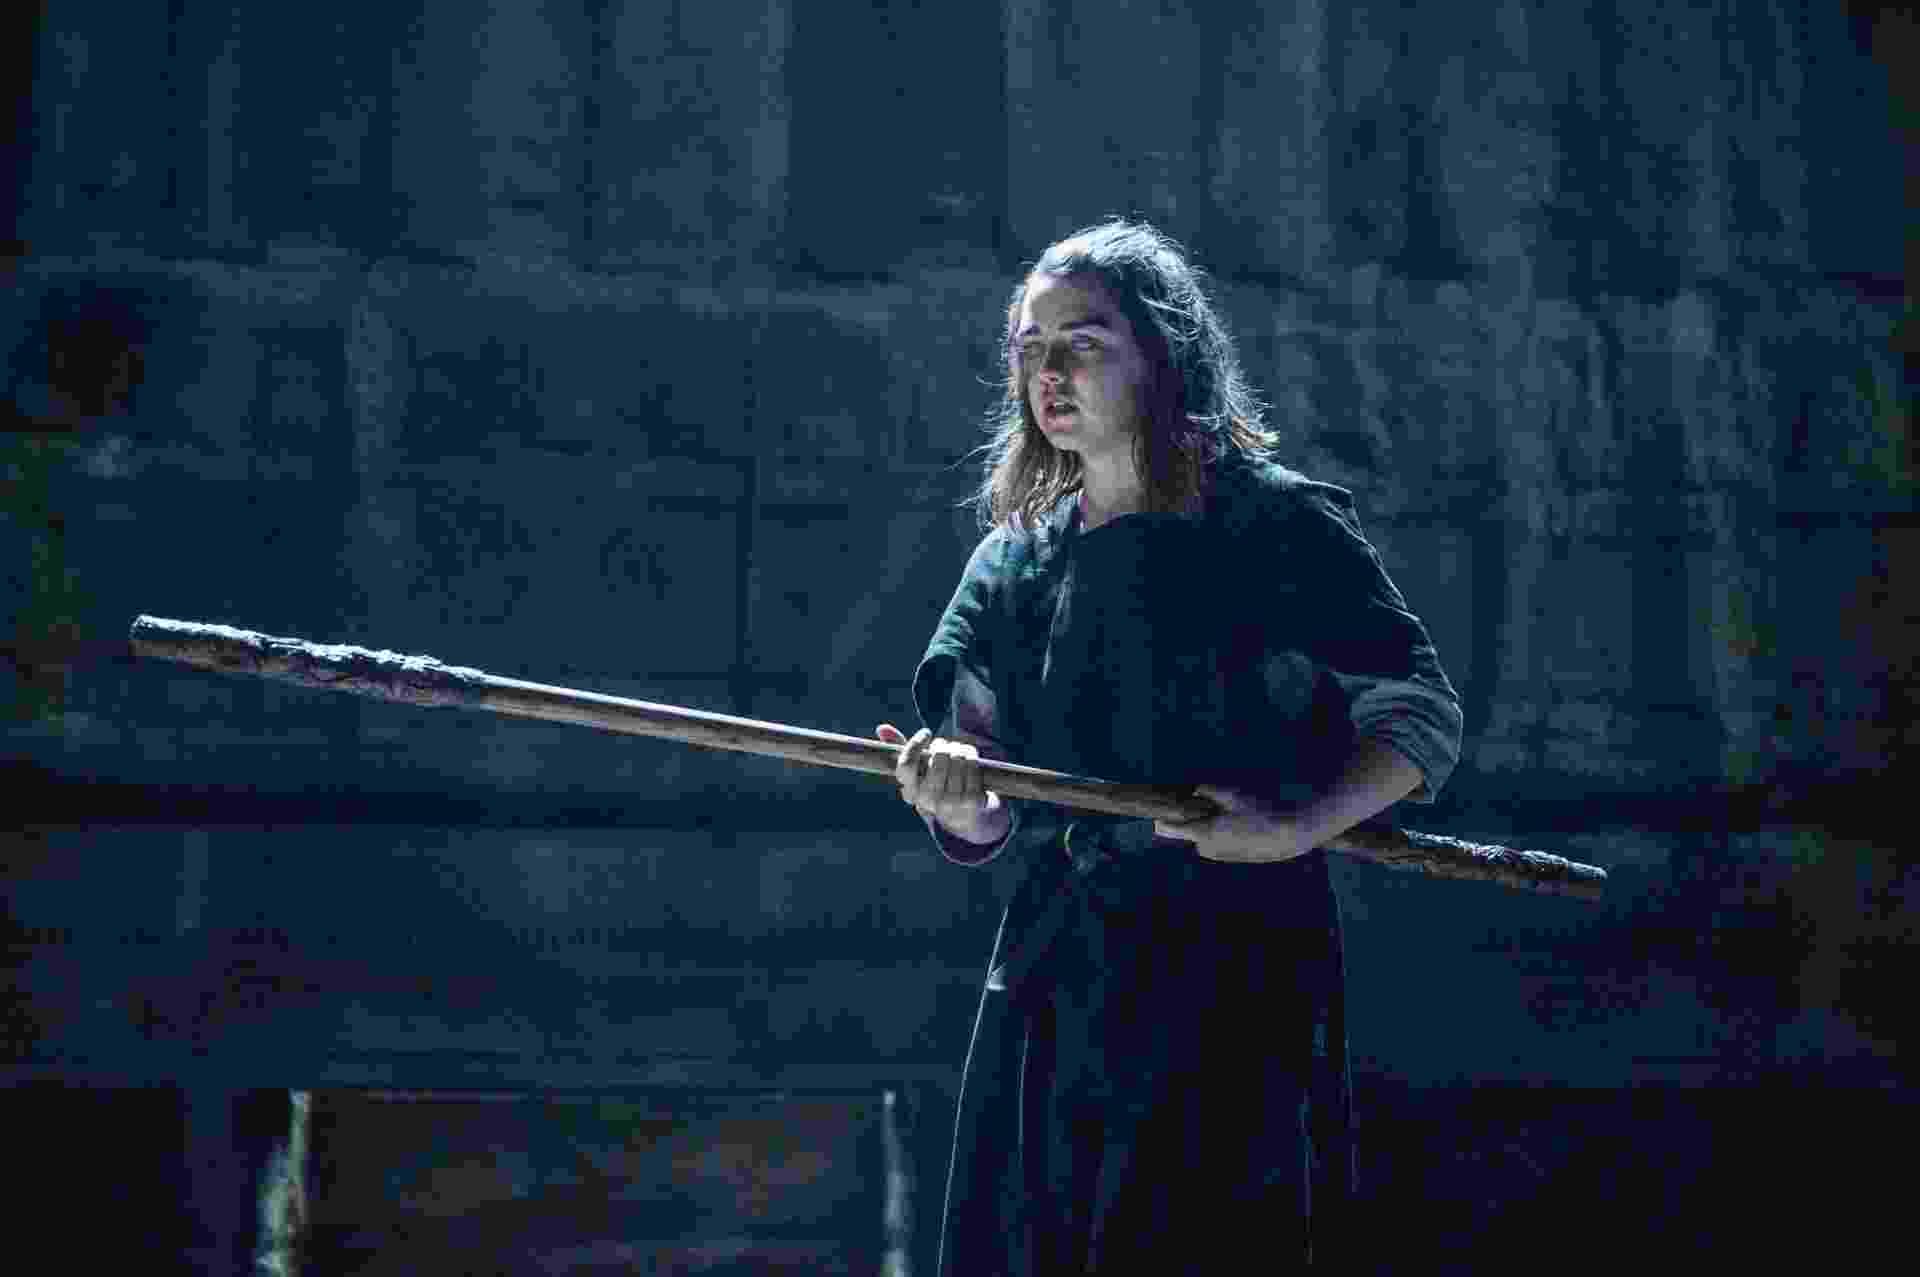 """Cega, Arya (Maisie Williams) enfrenta treinamento de luta na sexta temporada de """"Game of Thrones"""" - Divulgação/HBO"""